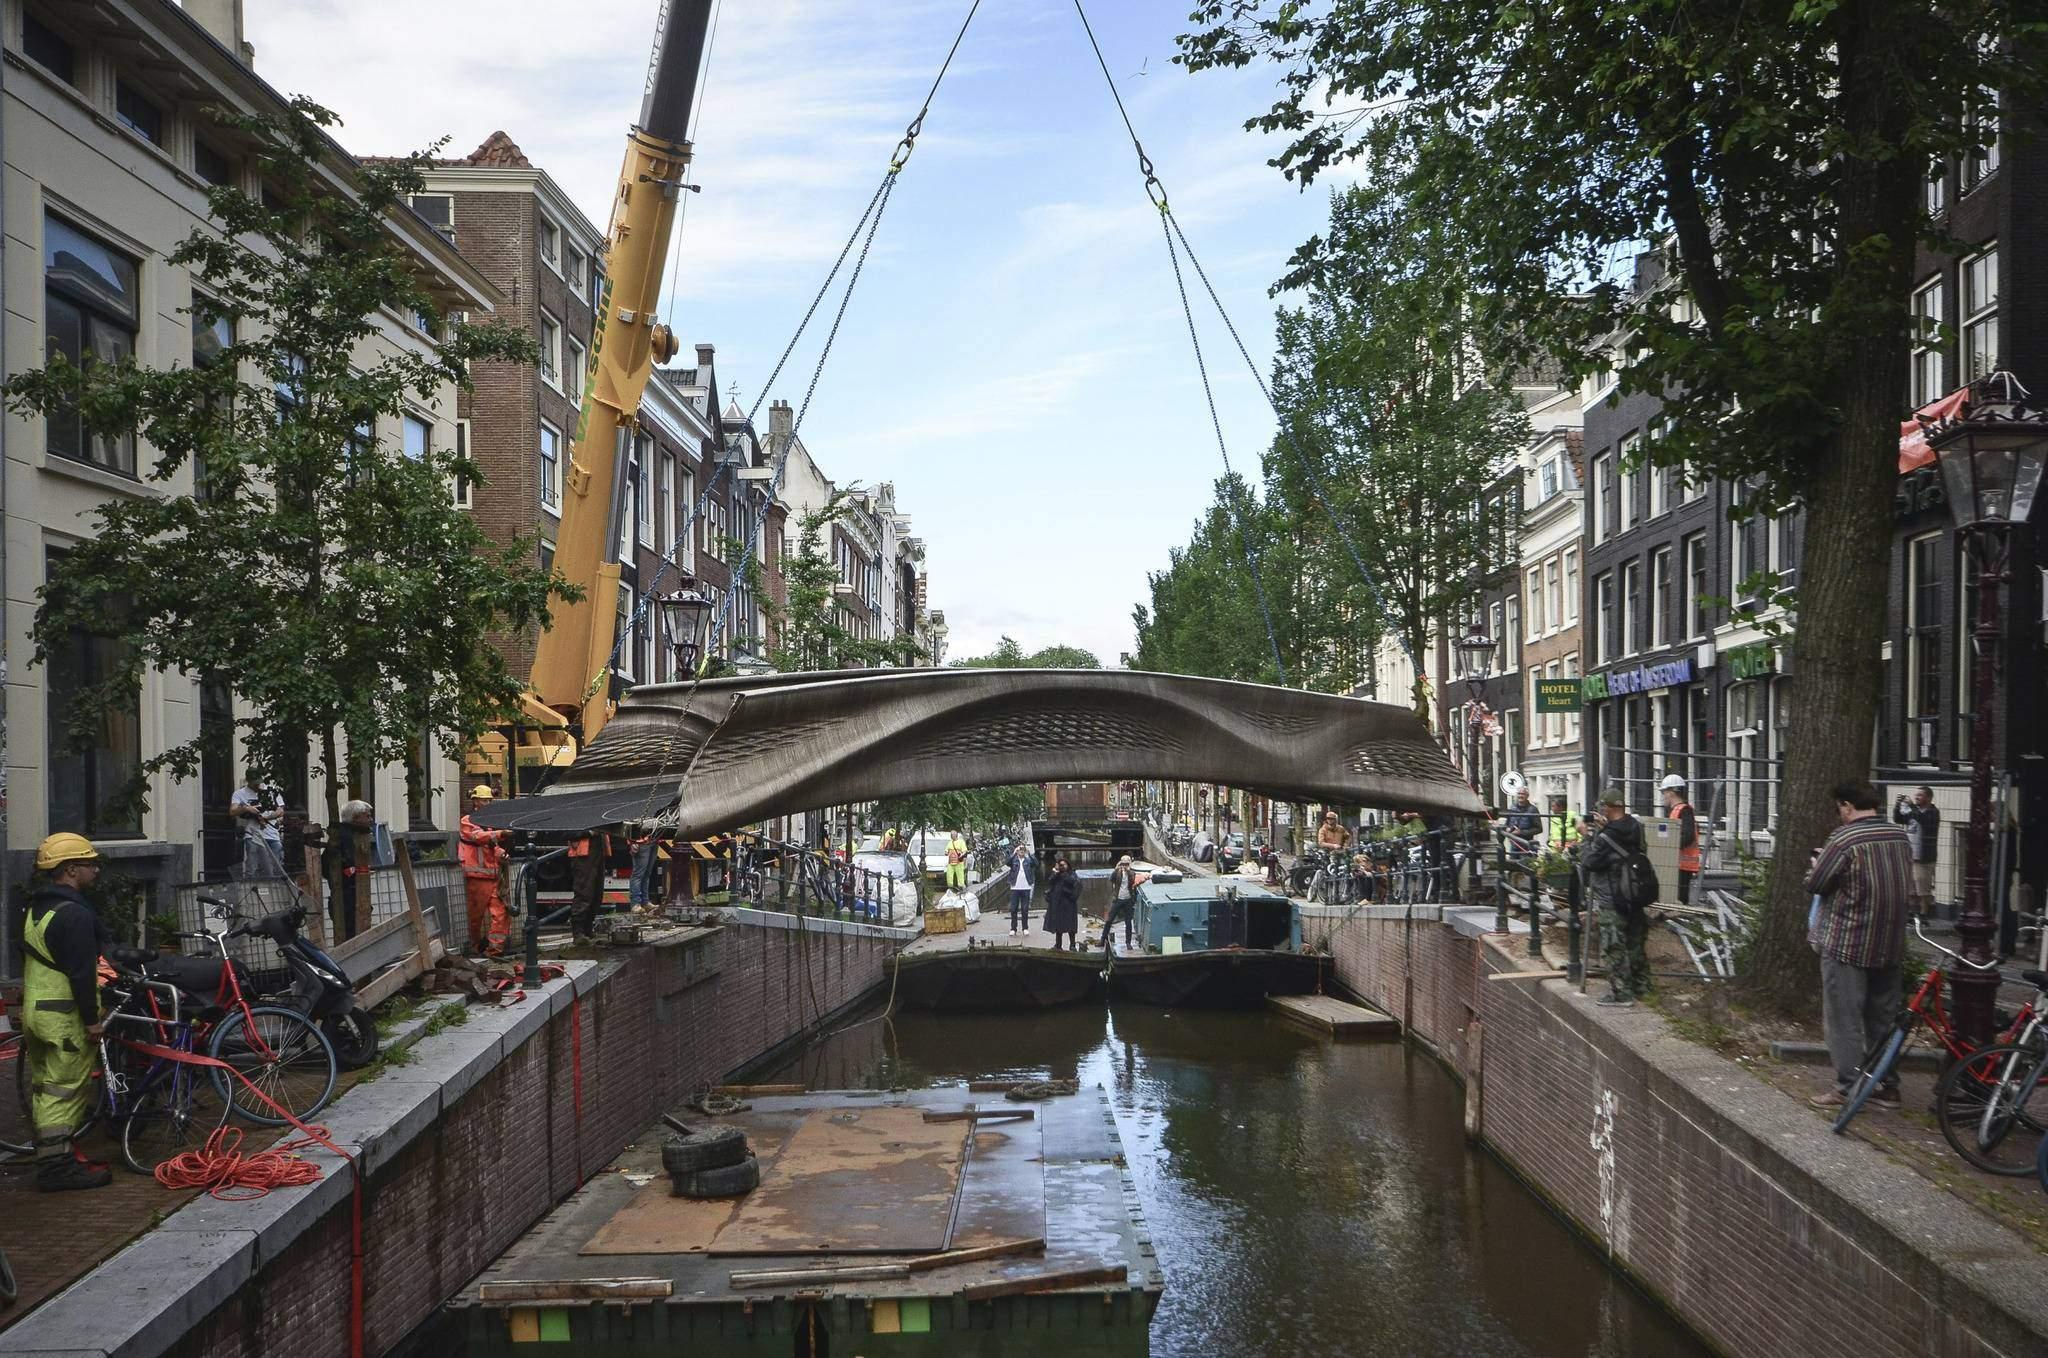 Надрукований міст в Астердамі